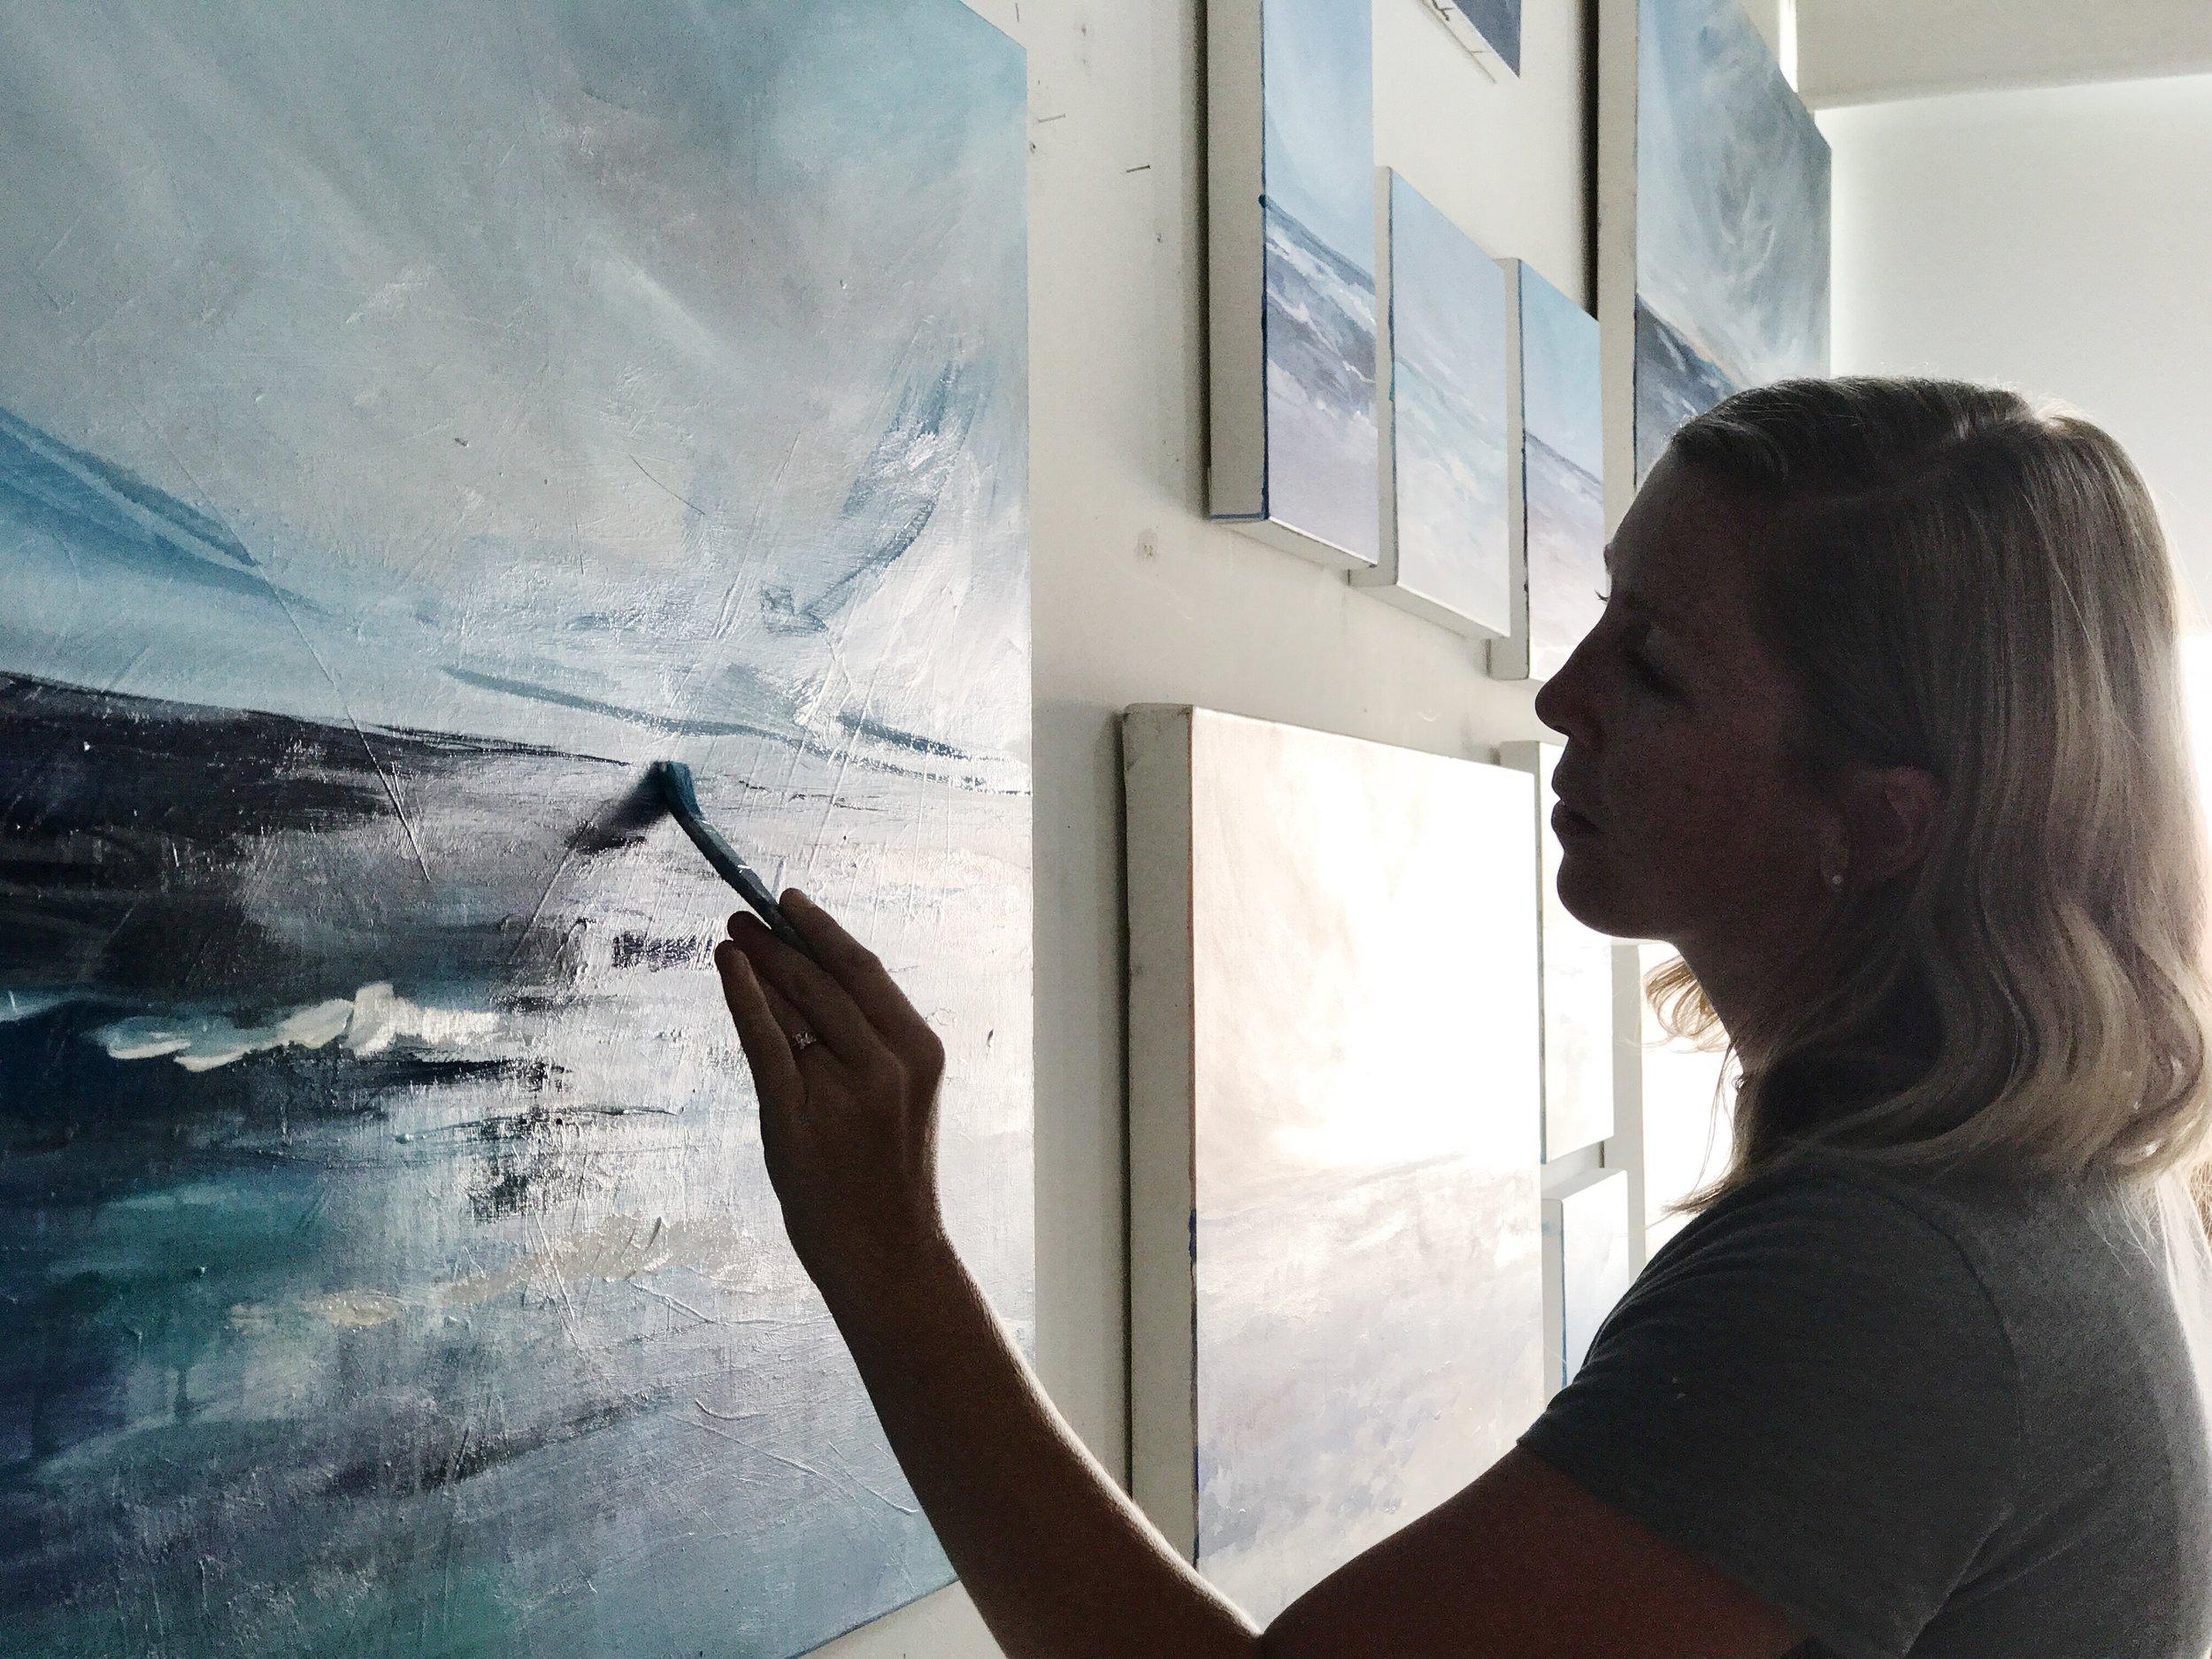 Megan Elizabeth painting an ocean in her studio in NYC